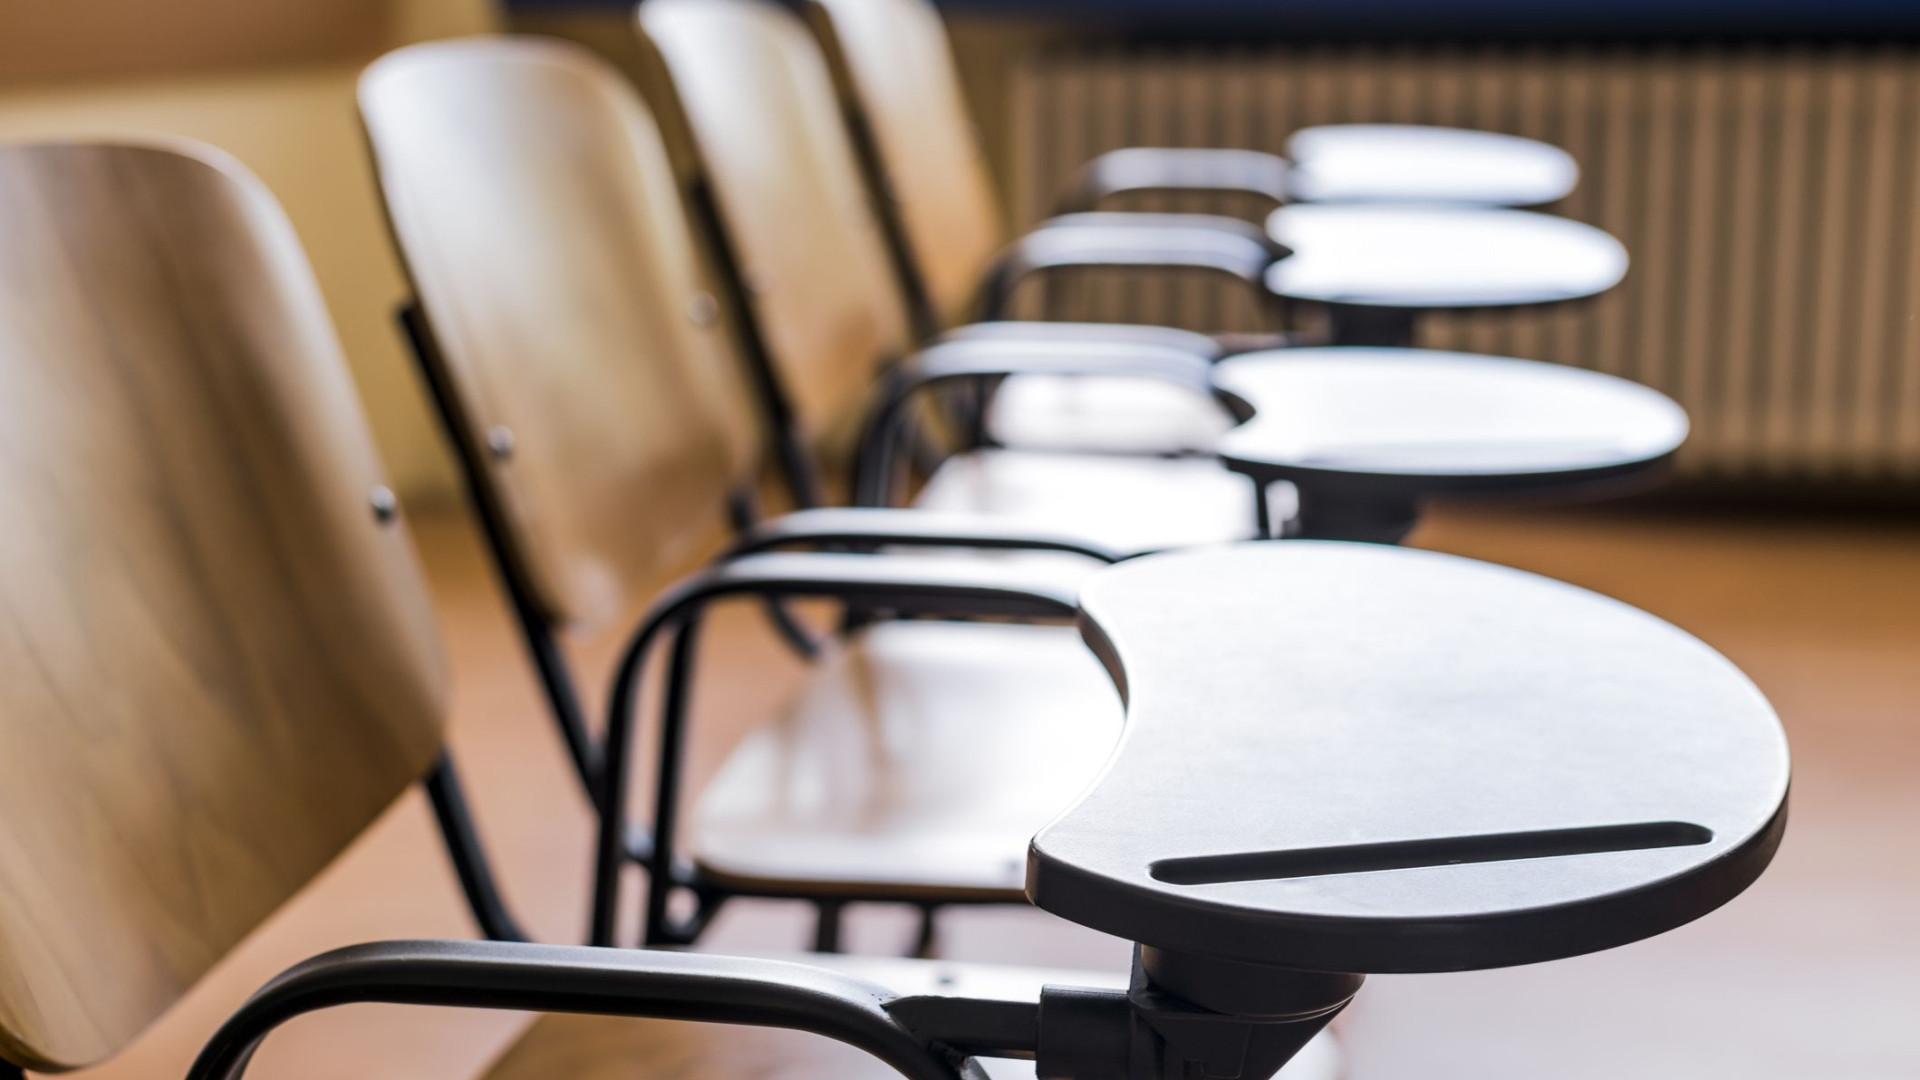 Metade dos professores universitários com fadiga elevada e exaustão